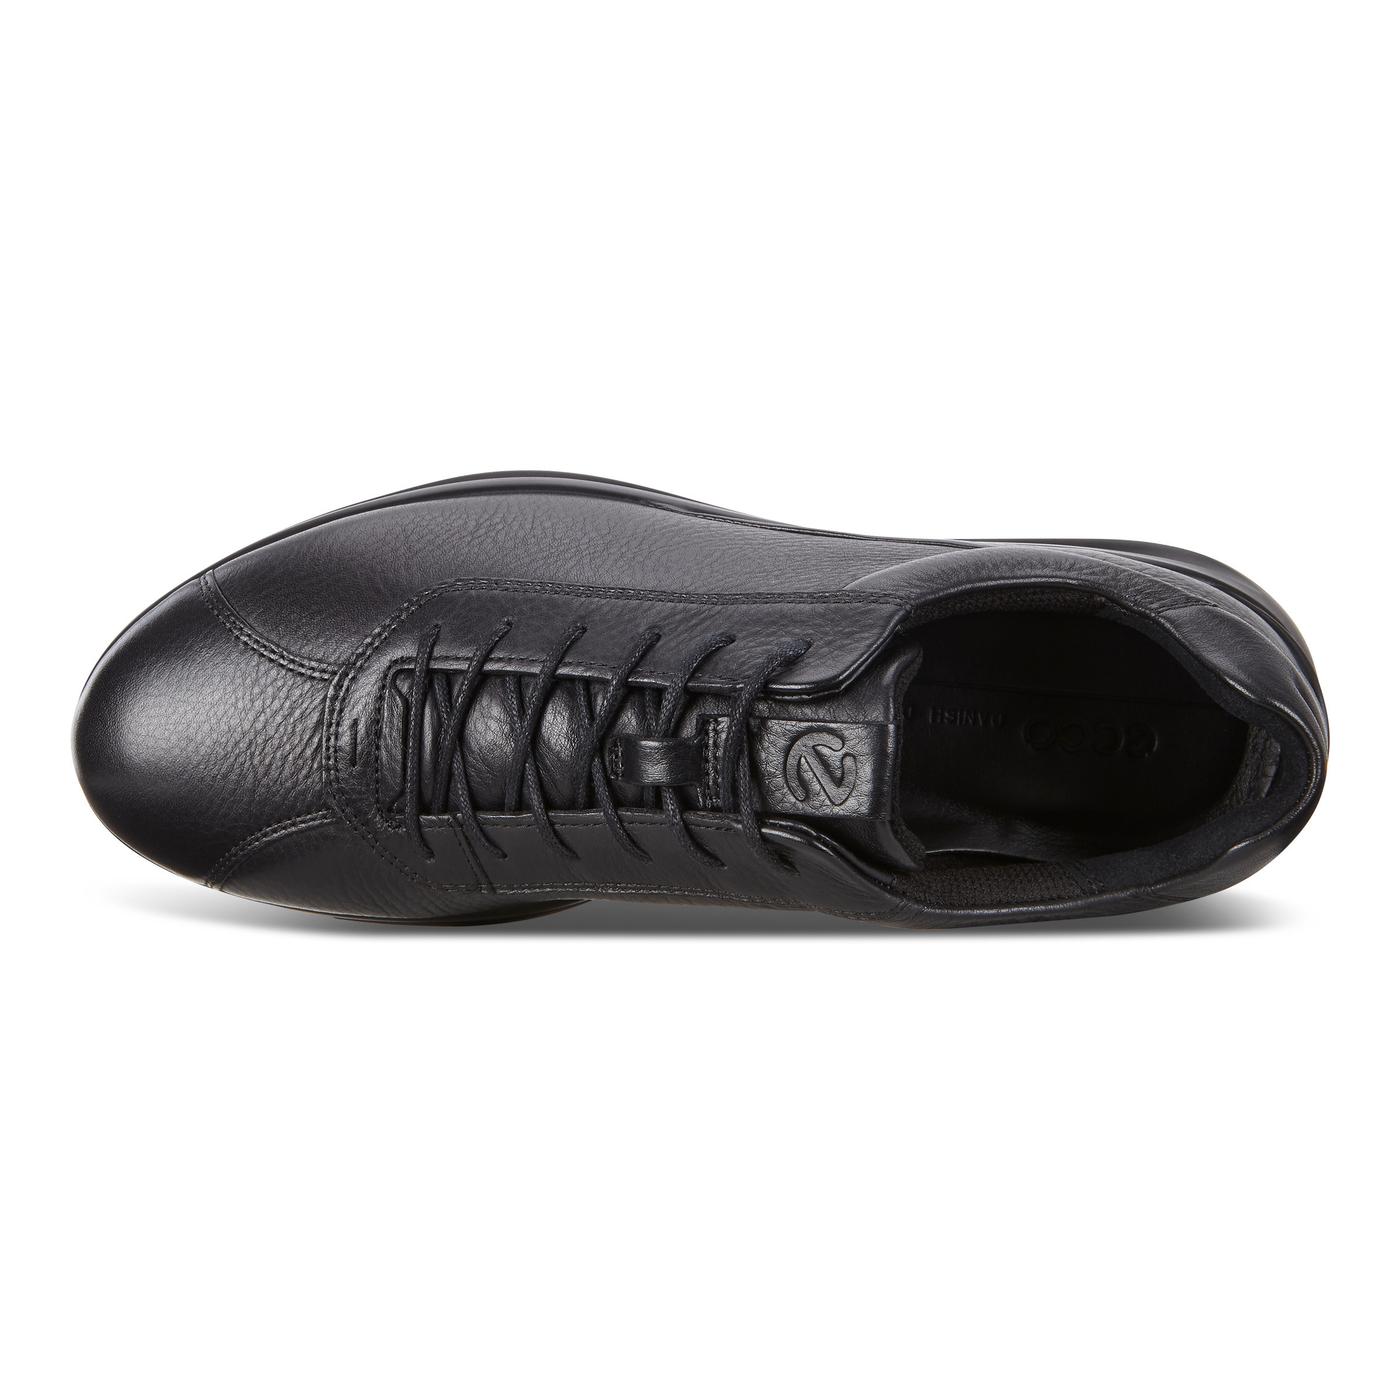 ECCO VITRUS AQUET Shoe